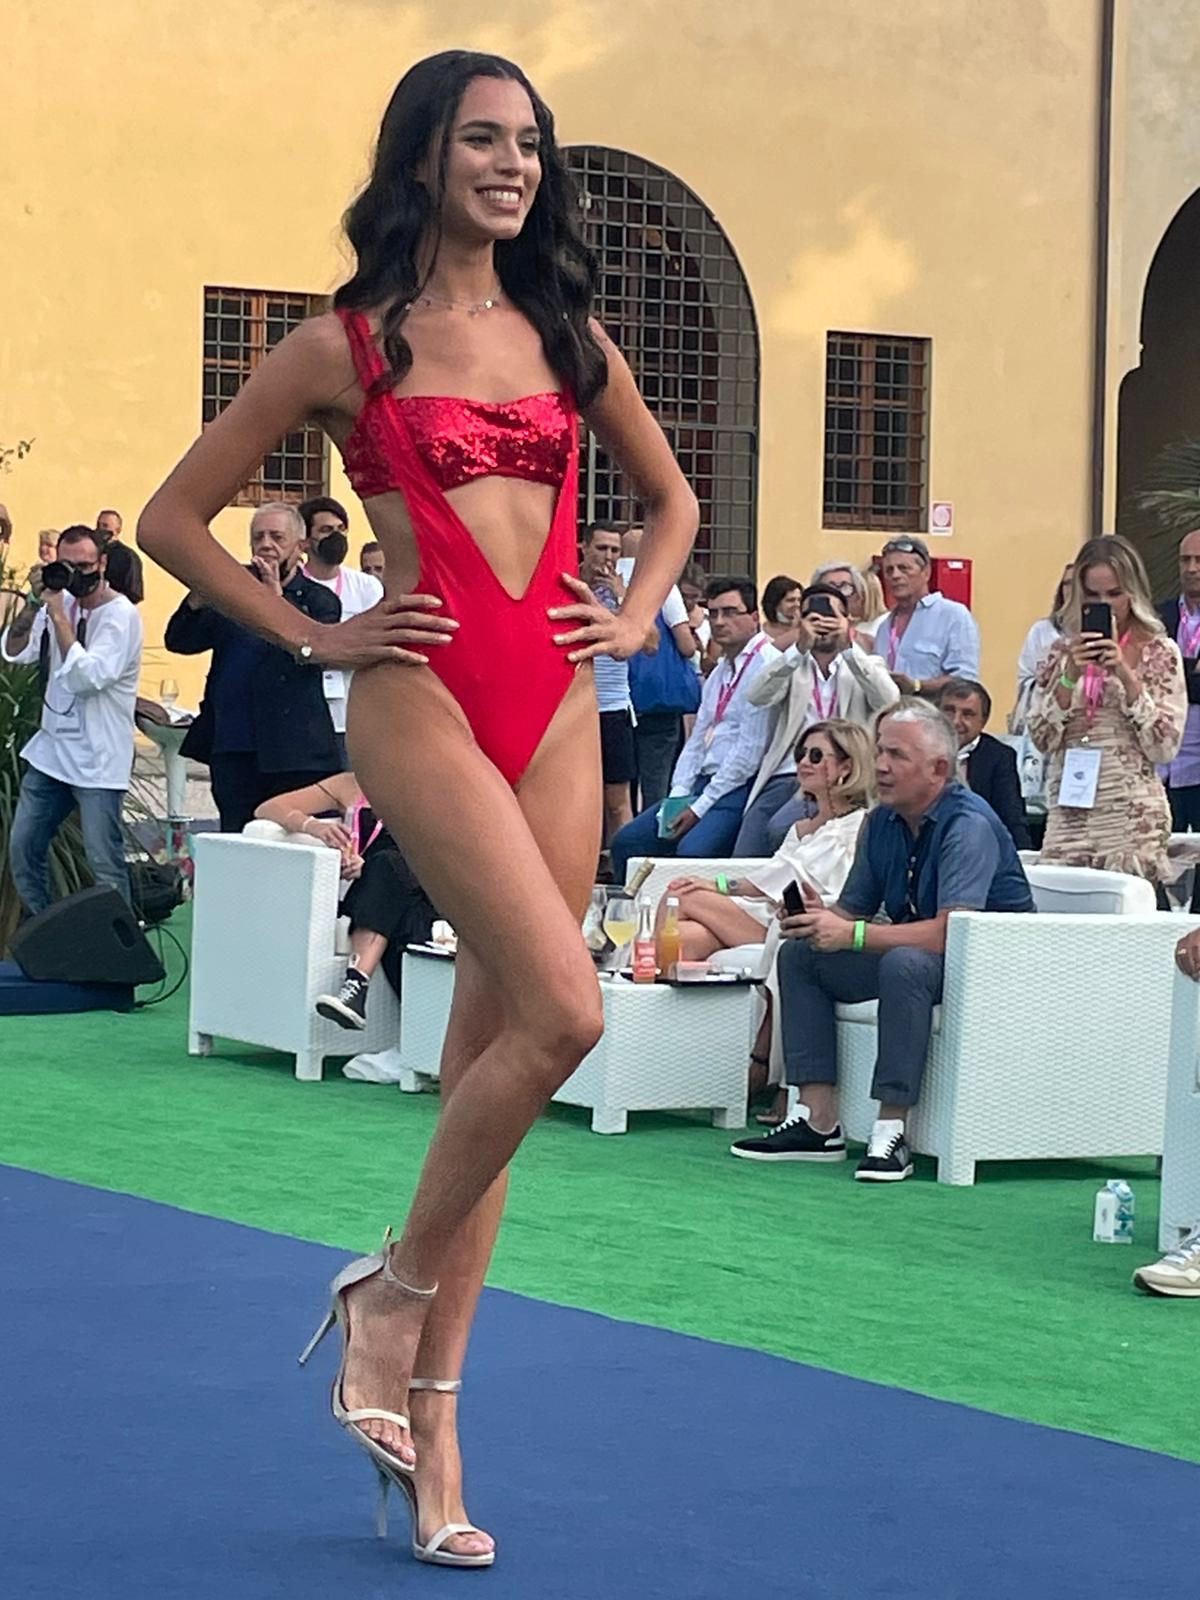 Moda Cálida Gran Canaria participan en la Feria Internacional de Moda Baño Maredamare